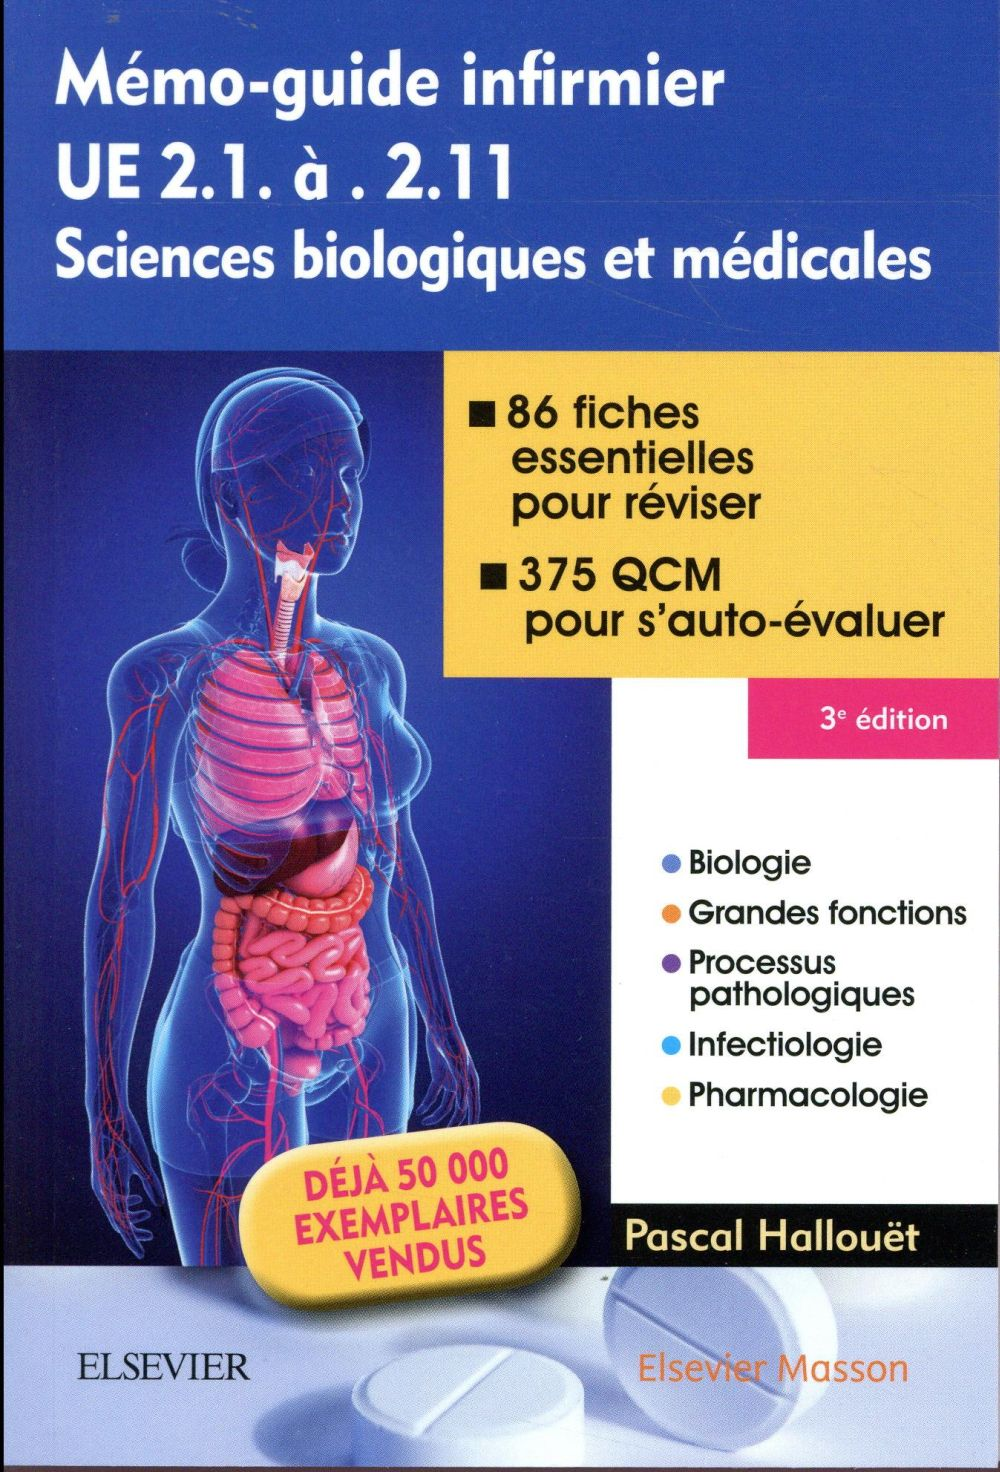 MEMO-GUIDE INFIRMIER - UE 2.1 A 2.11 - SCIENCES BIOLOGIQUES ET MEDICALES